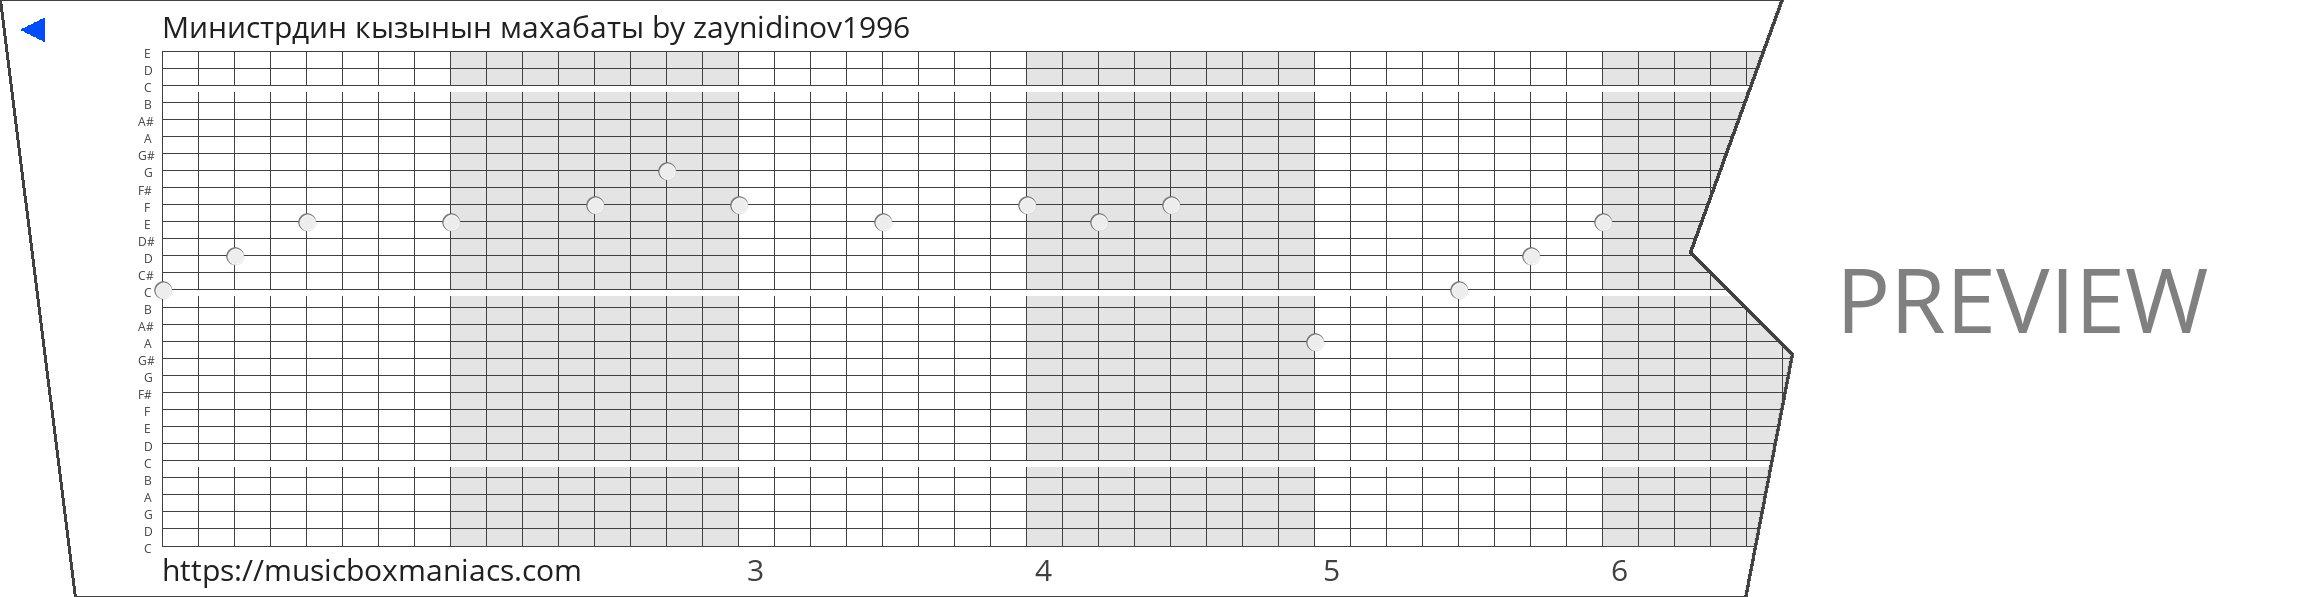 Министрдин кызынын махабаты 30 note music box paper strip